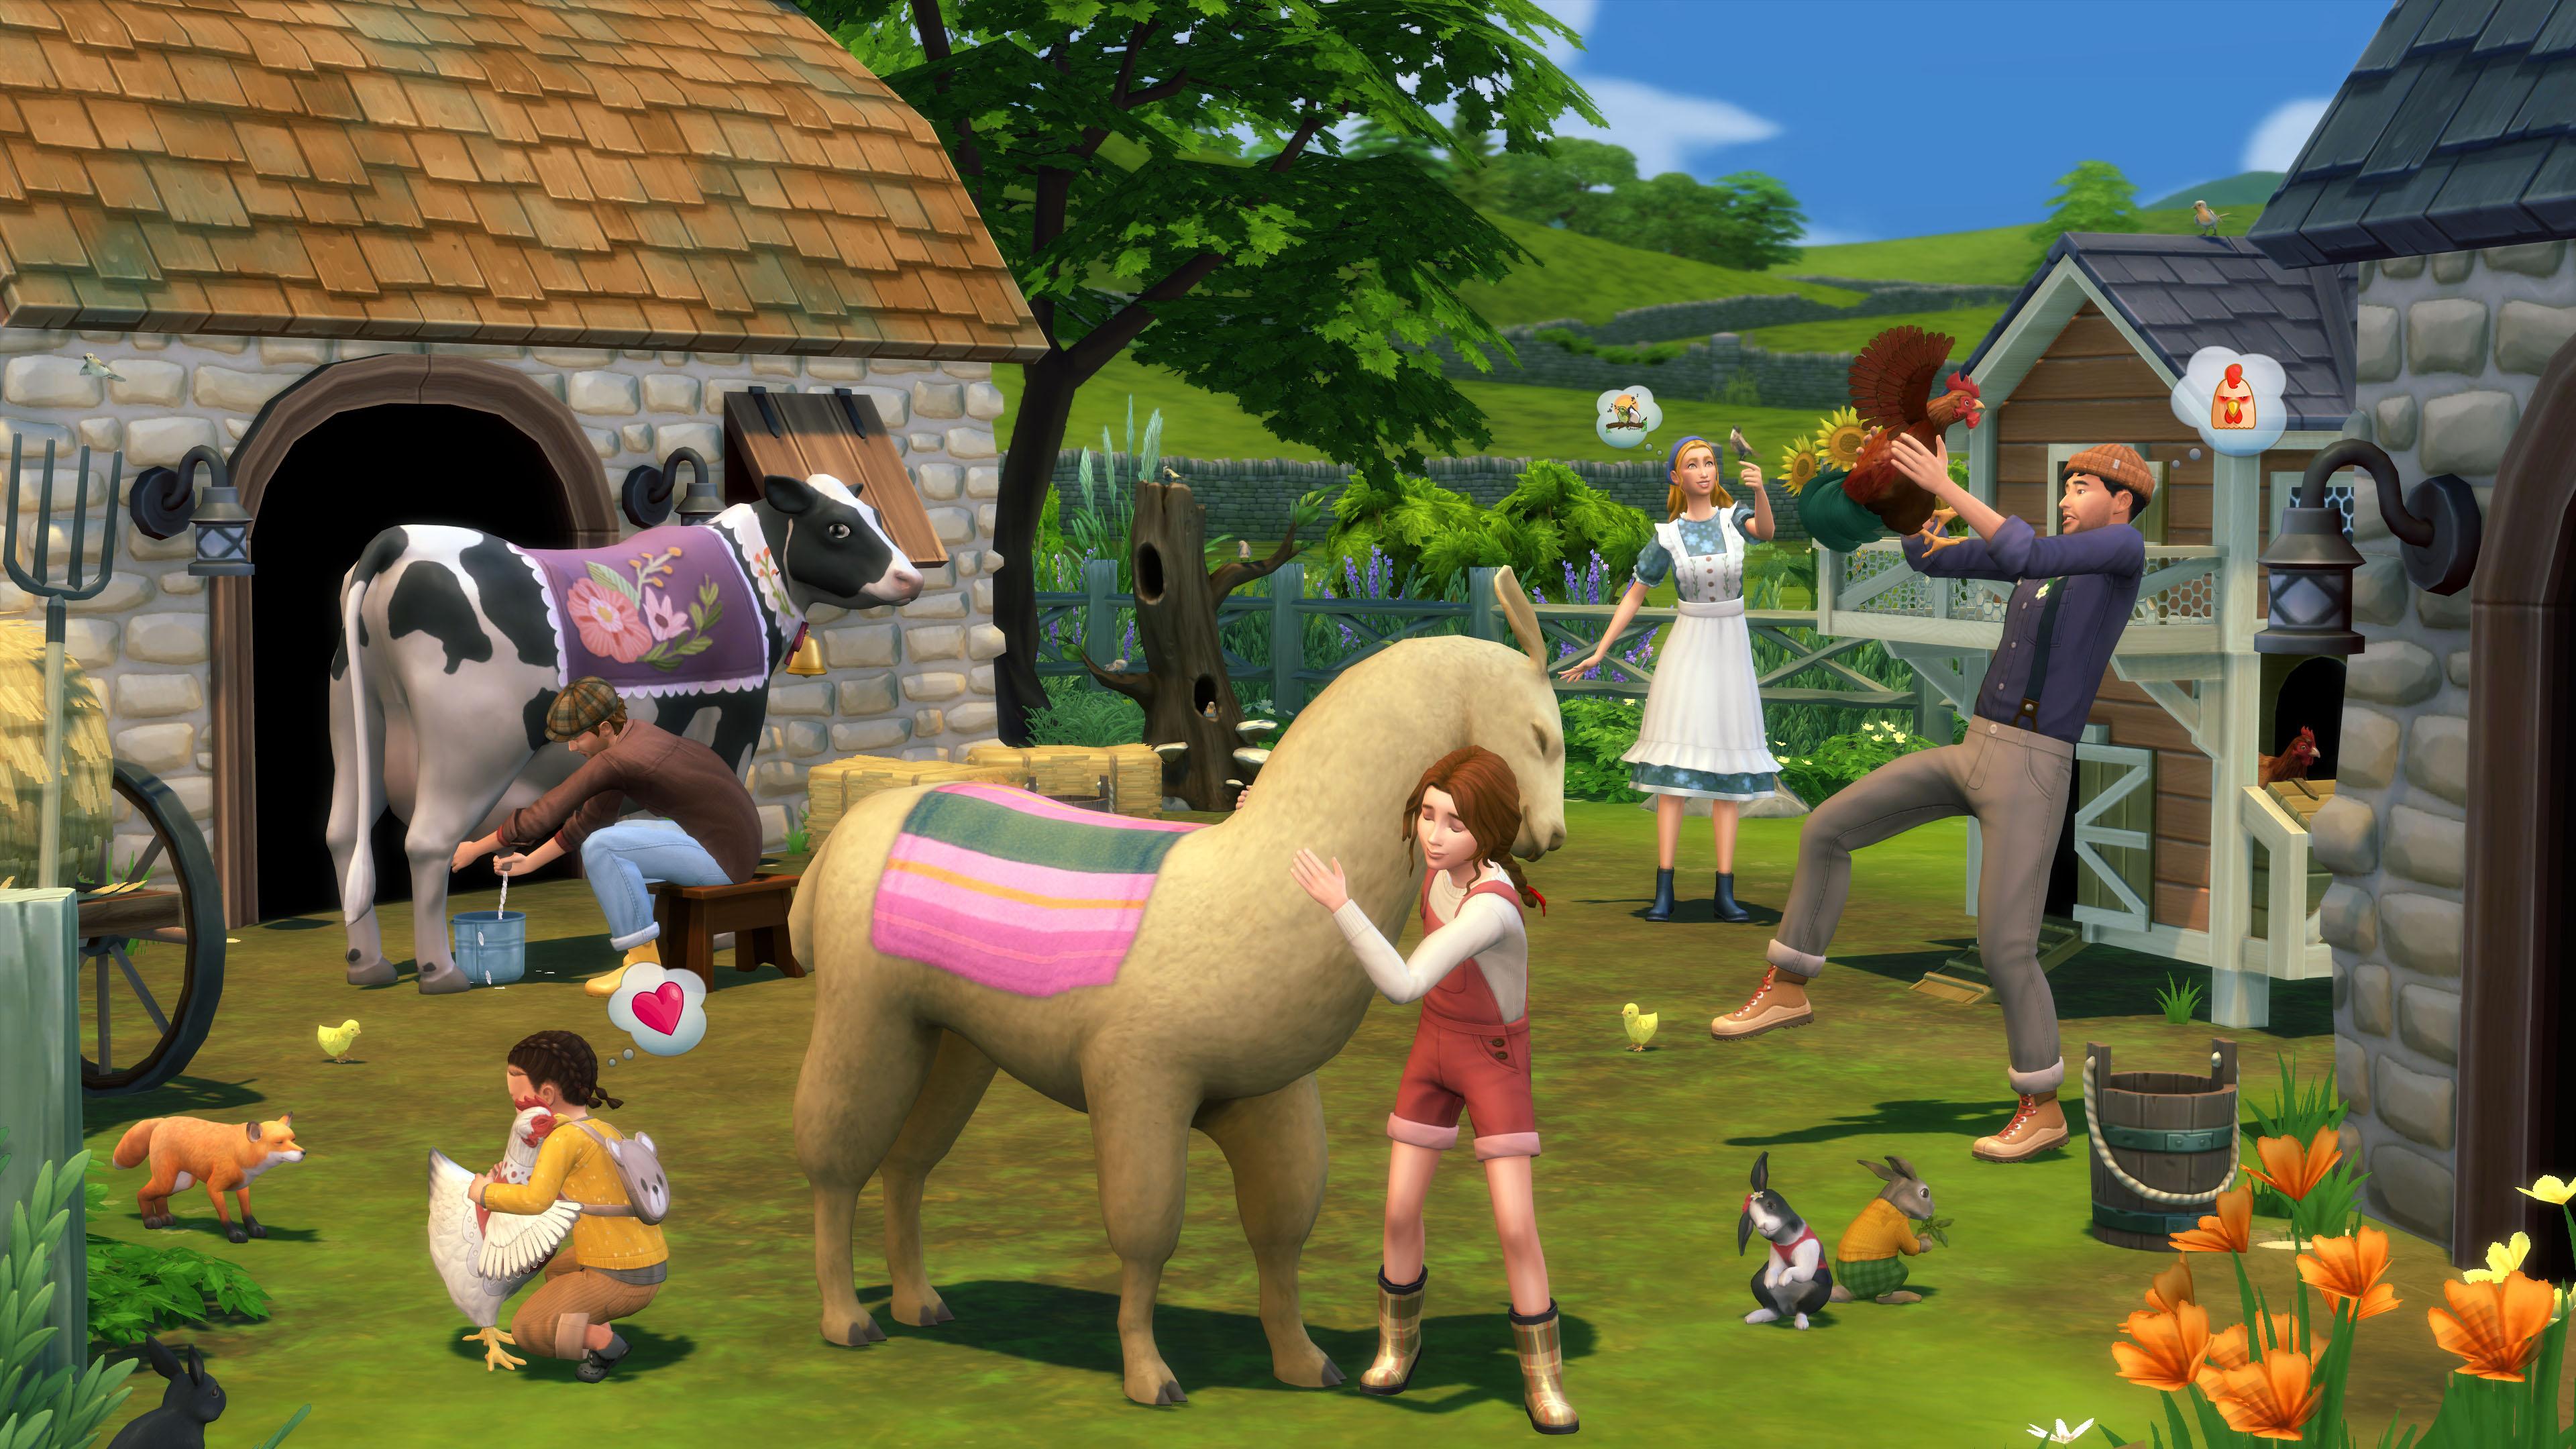 Скриншот №2 к The Sims 4 Загородная жизнь